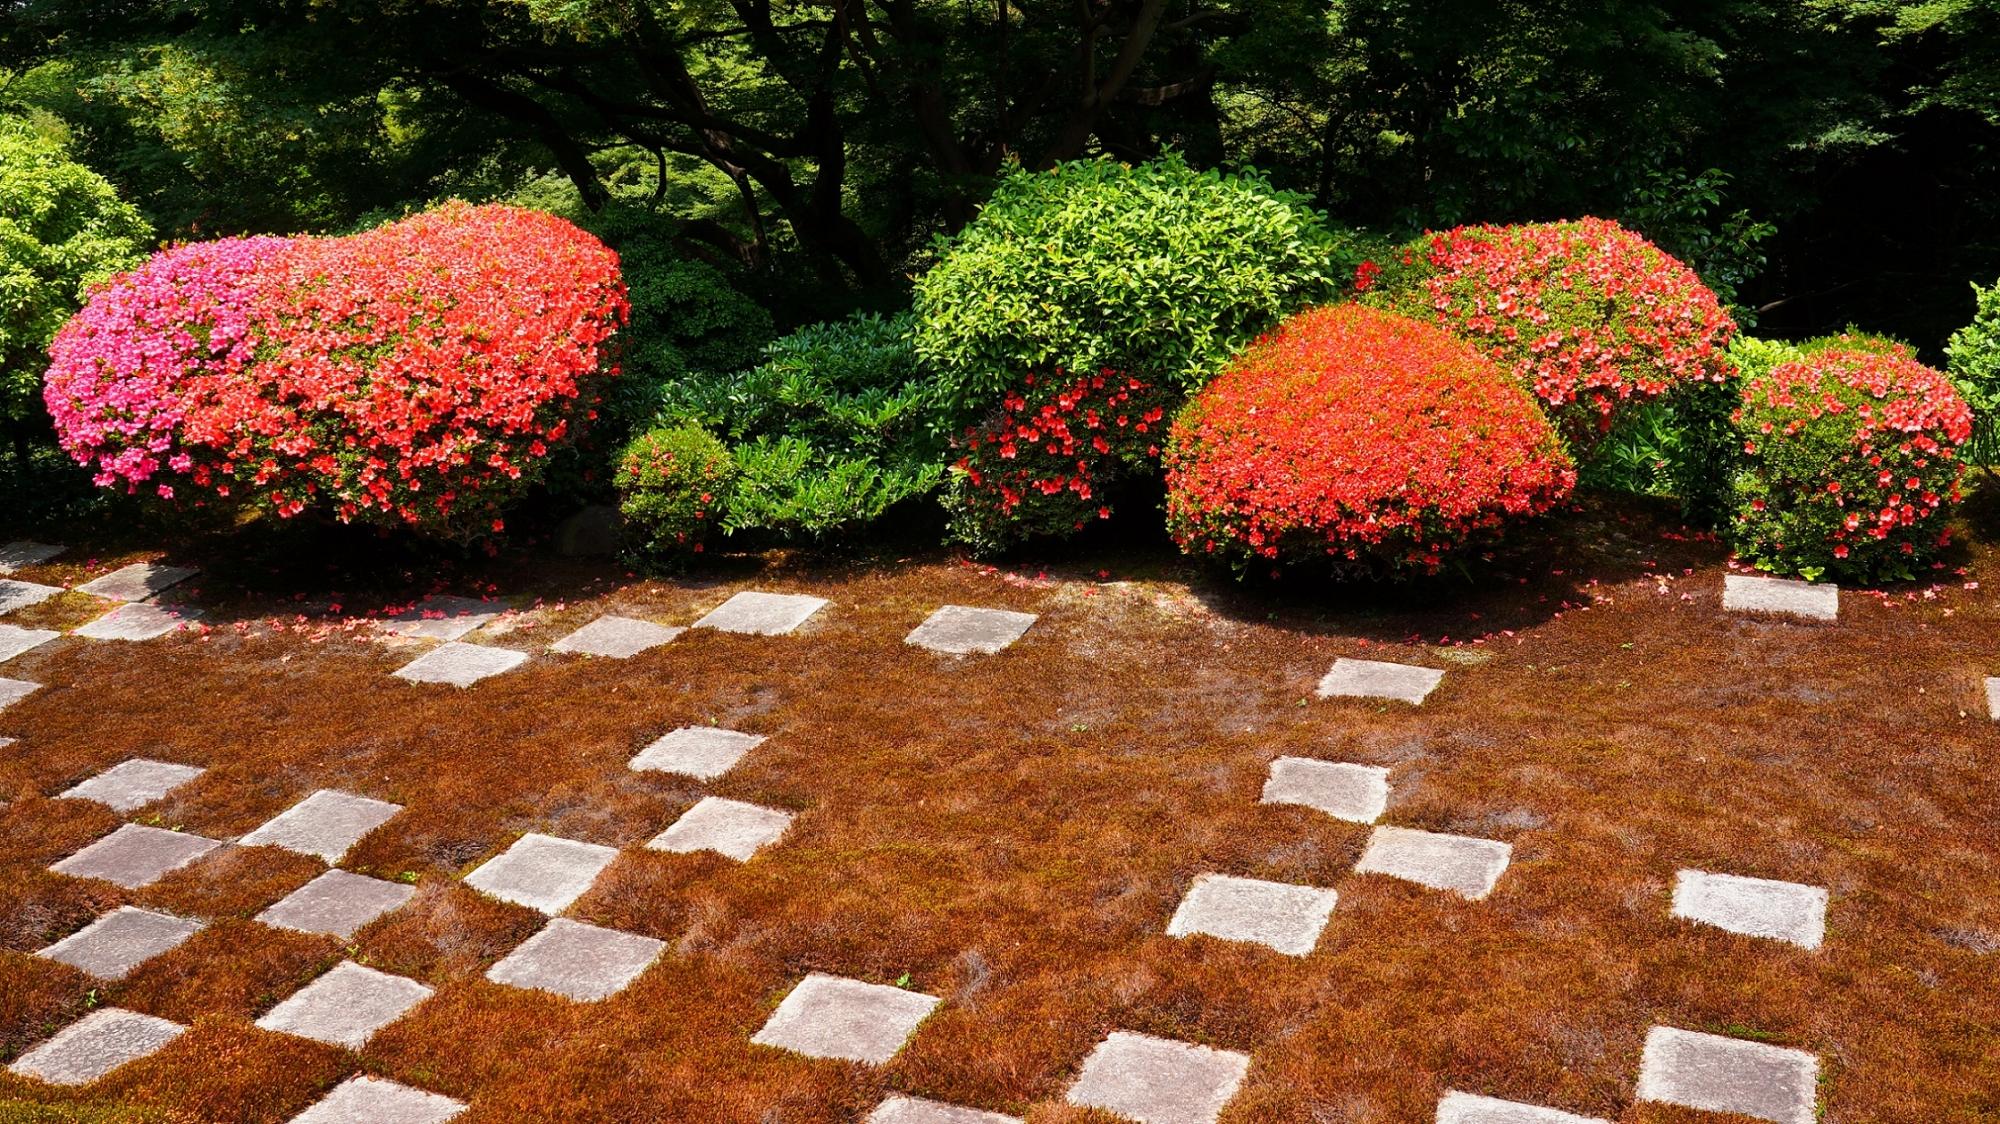 東福寺の方丈庭園北庭の可愛い刈り込みに煌く色とりどりのサツキの花